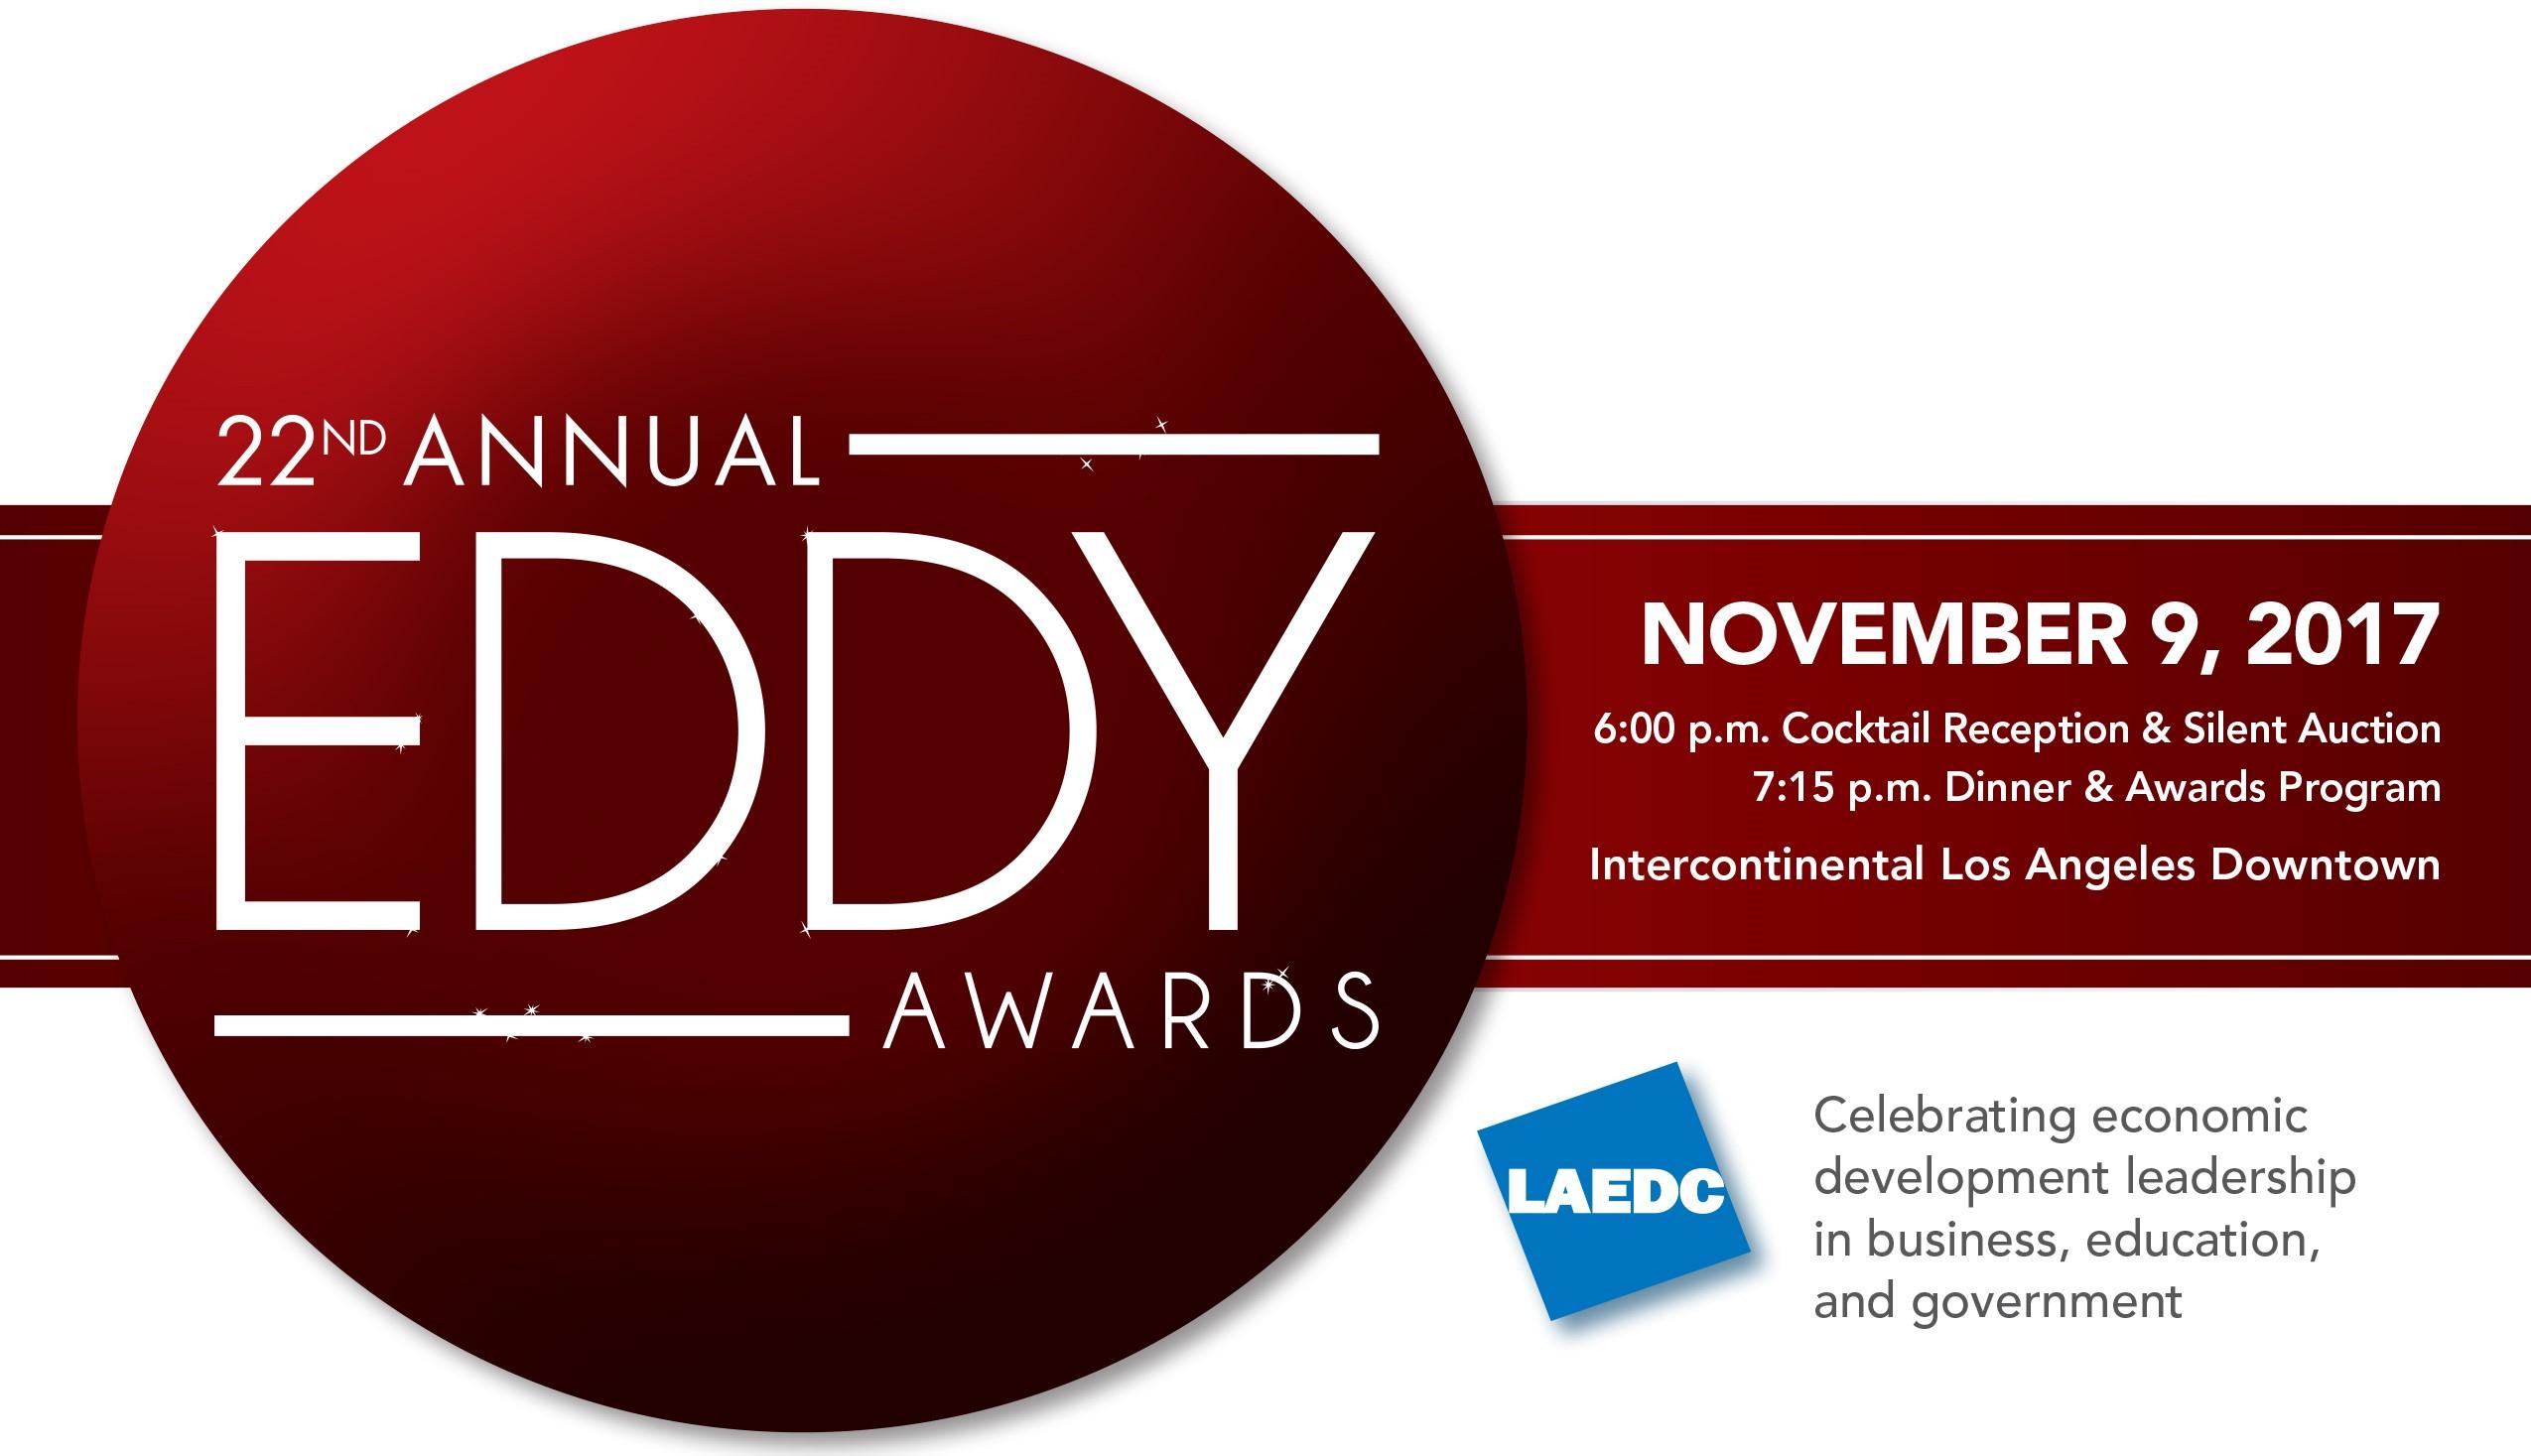 22nd Annual Eddy Awards